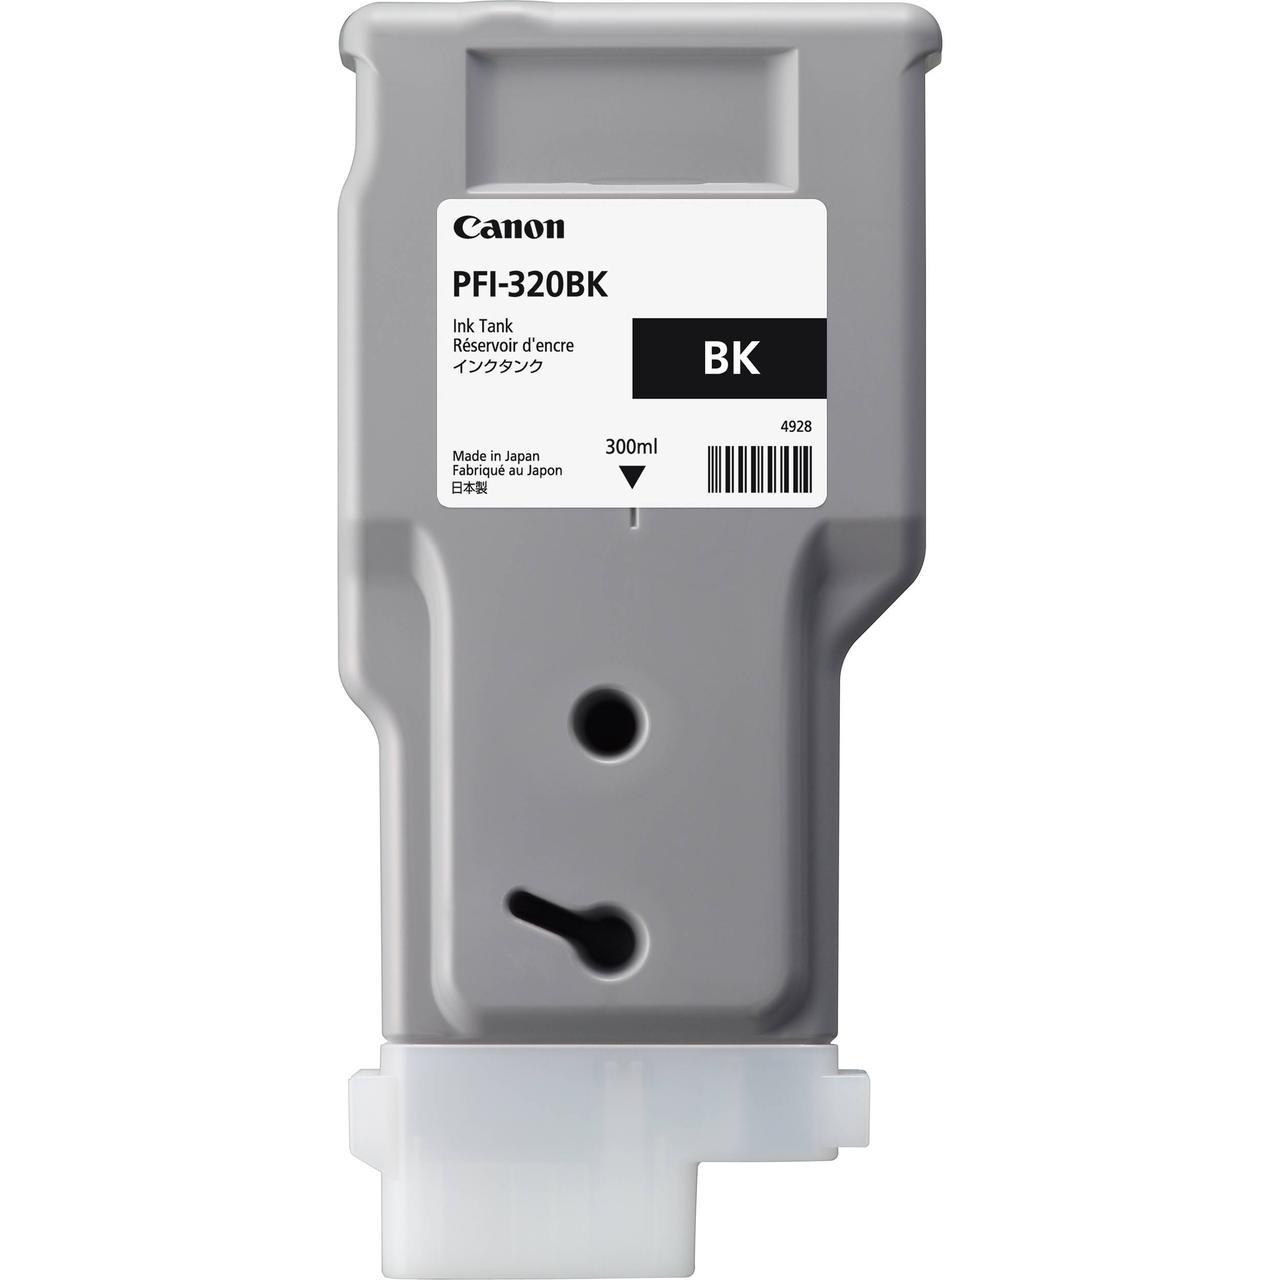 Картридж Canon PFI-320BK для TM-200/300, Black, 300 мл